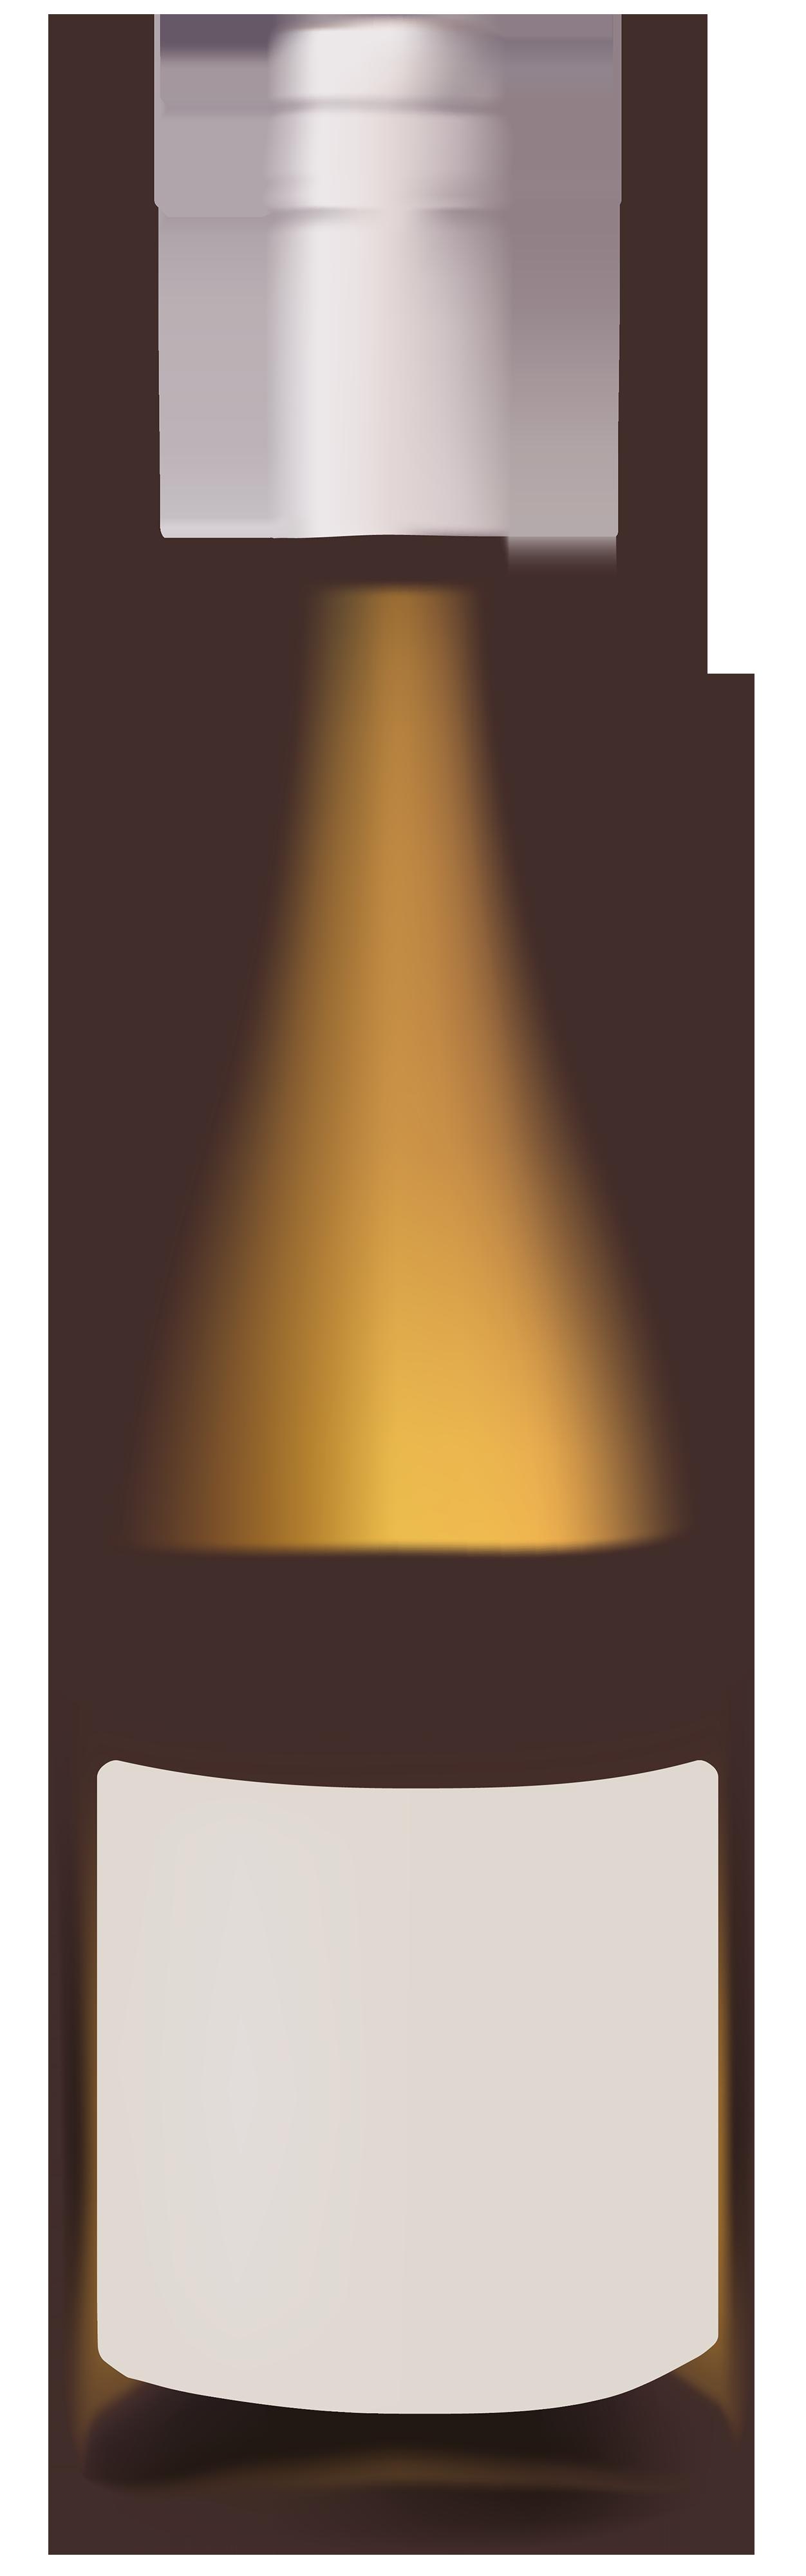 Gold bottle png. Wine clipart best web